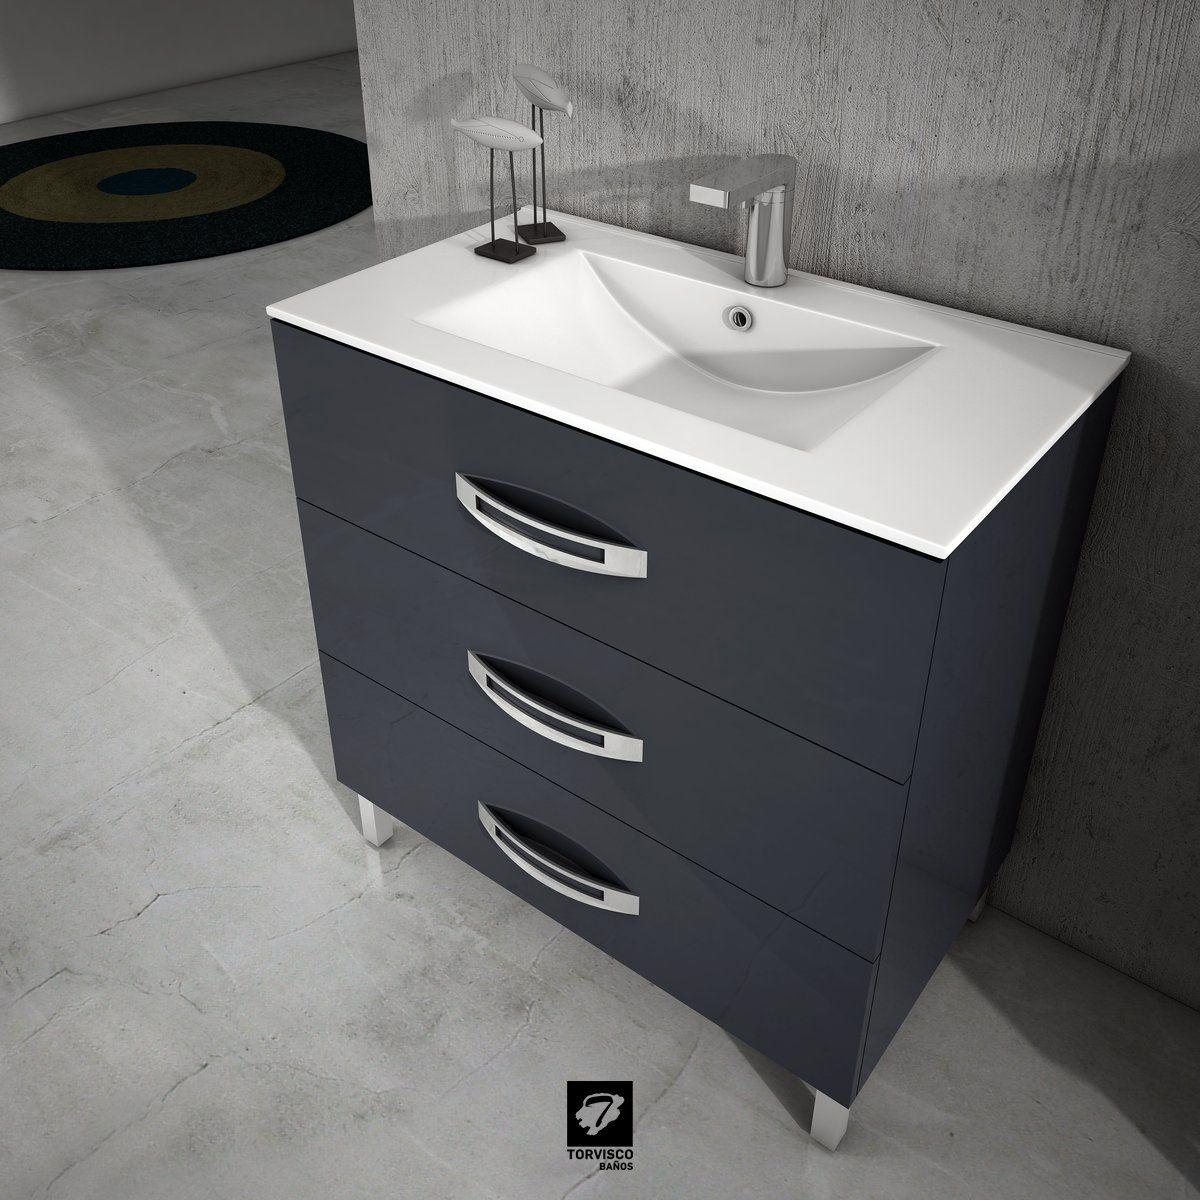 Mueble De Ba O Modelo Garona De Torvisco Group Mueble De 80cms Y  # Mueble Loa Torvisco